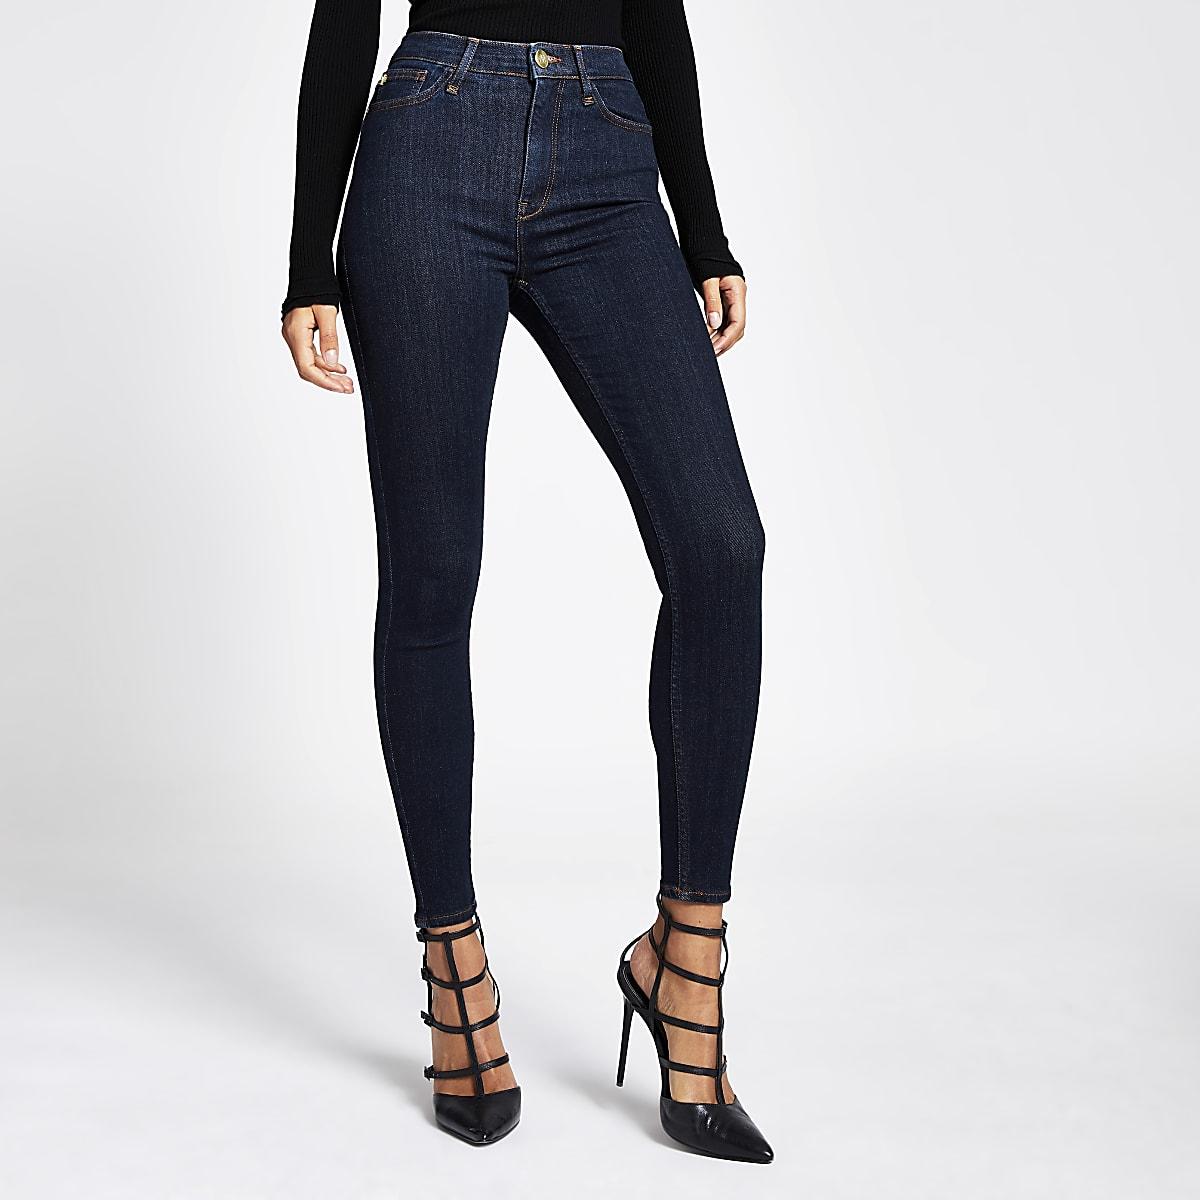 Dark blue Hailey high rise jeans